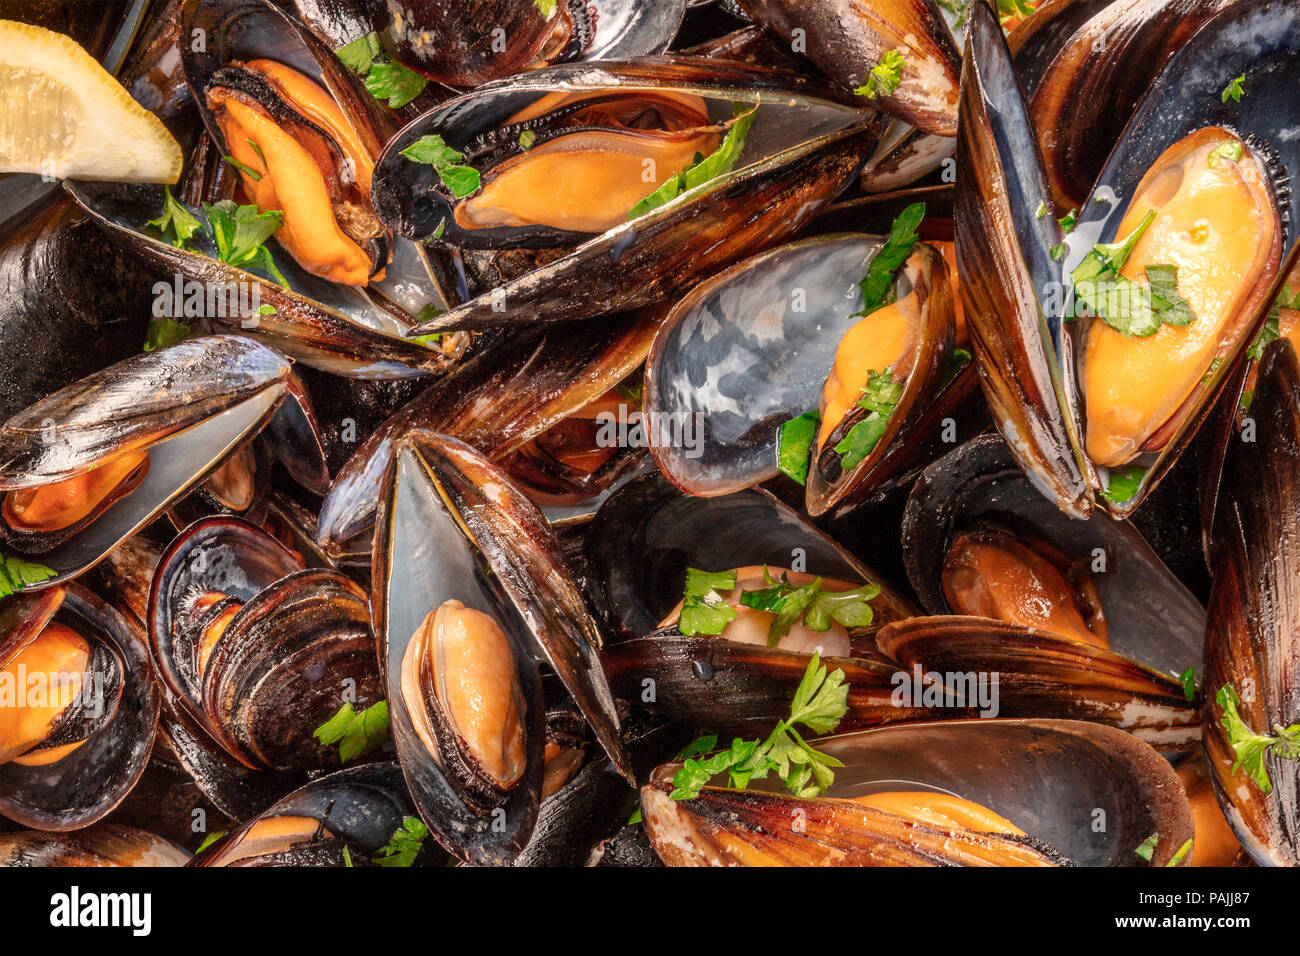 Nahaufnahme von gekochten Muscheln, geschossen von oben Stockfoto